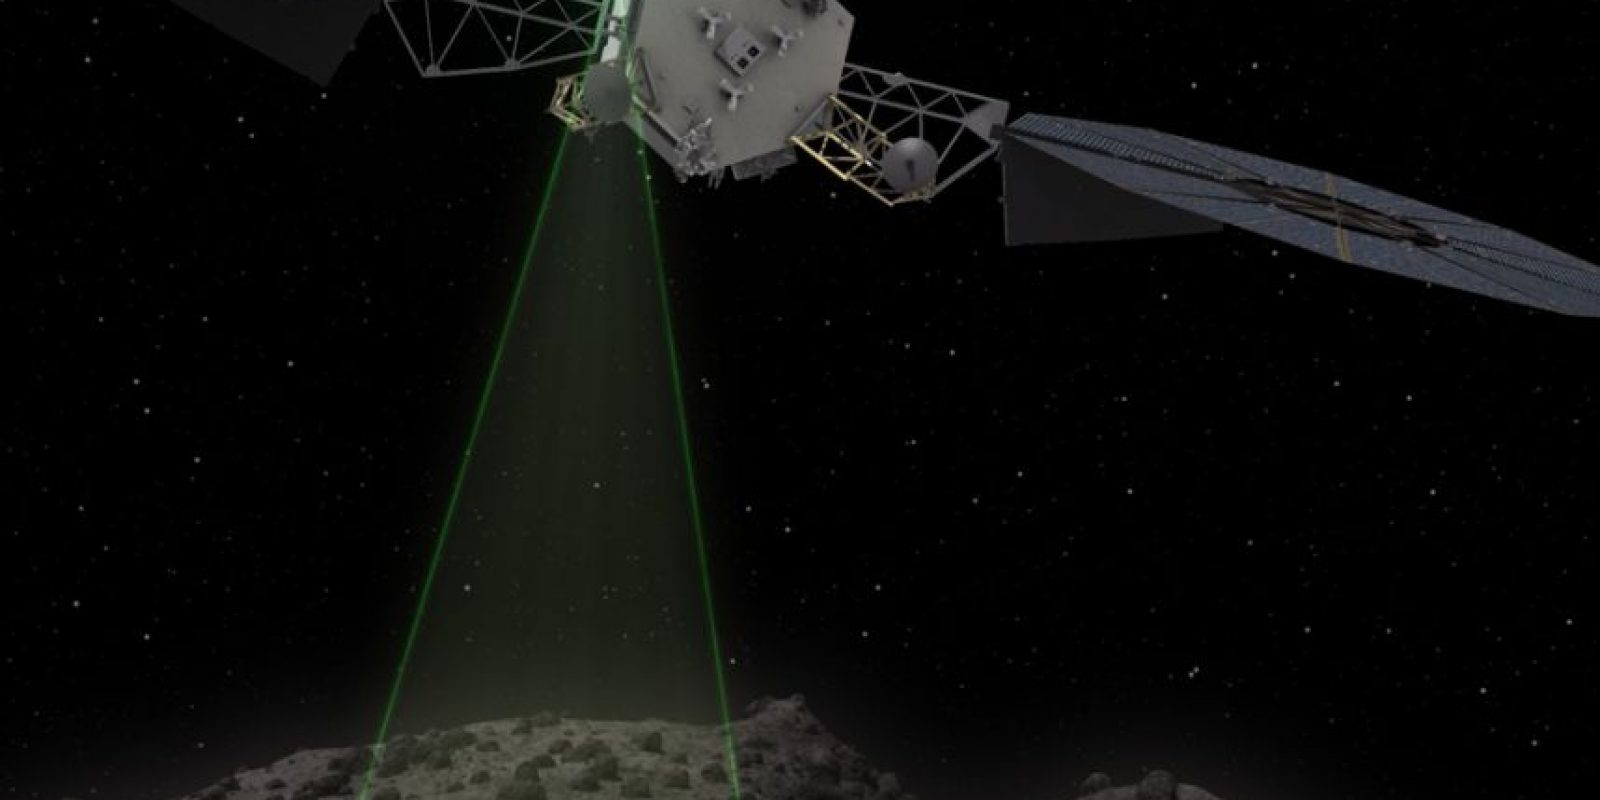 """Con la misión """"The Asteroid Redirect Mission"""", la NASA estudiará la posibilidad de modificar la órbita de un asteroide cercano. Foto:nasa.gov"""